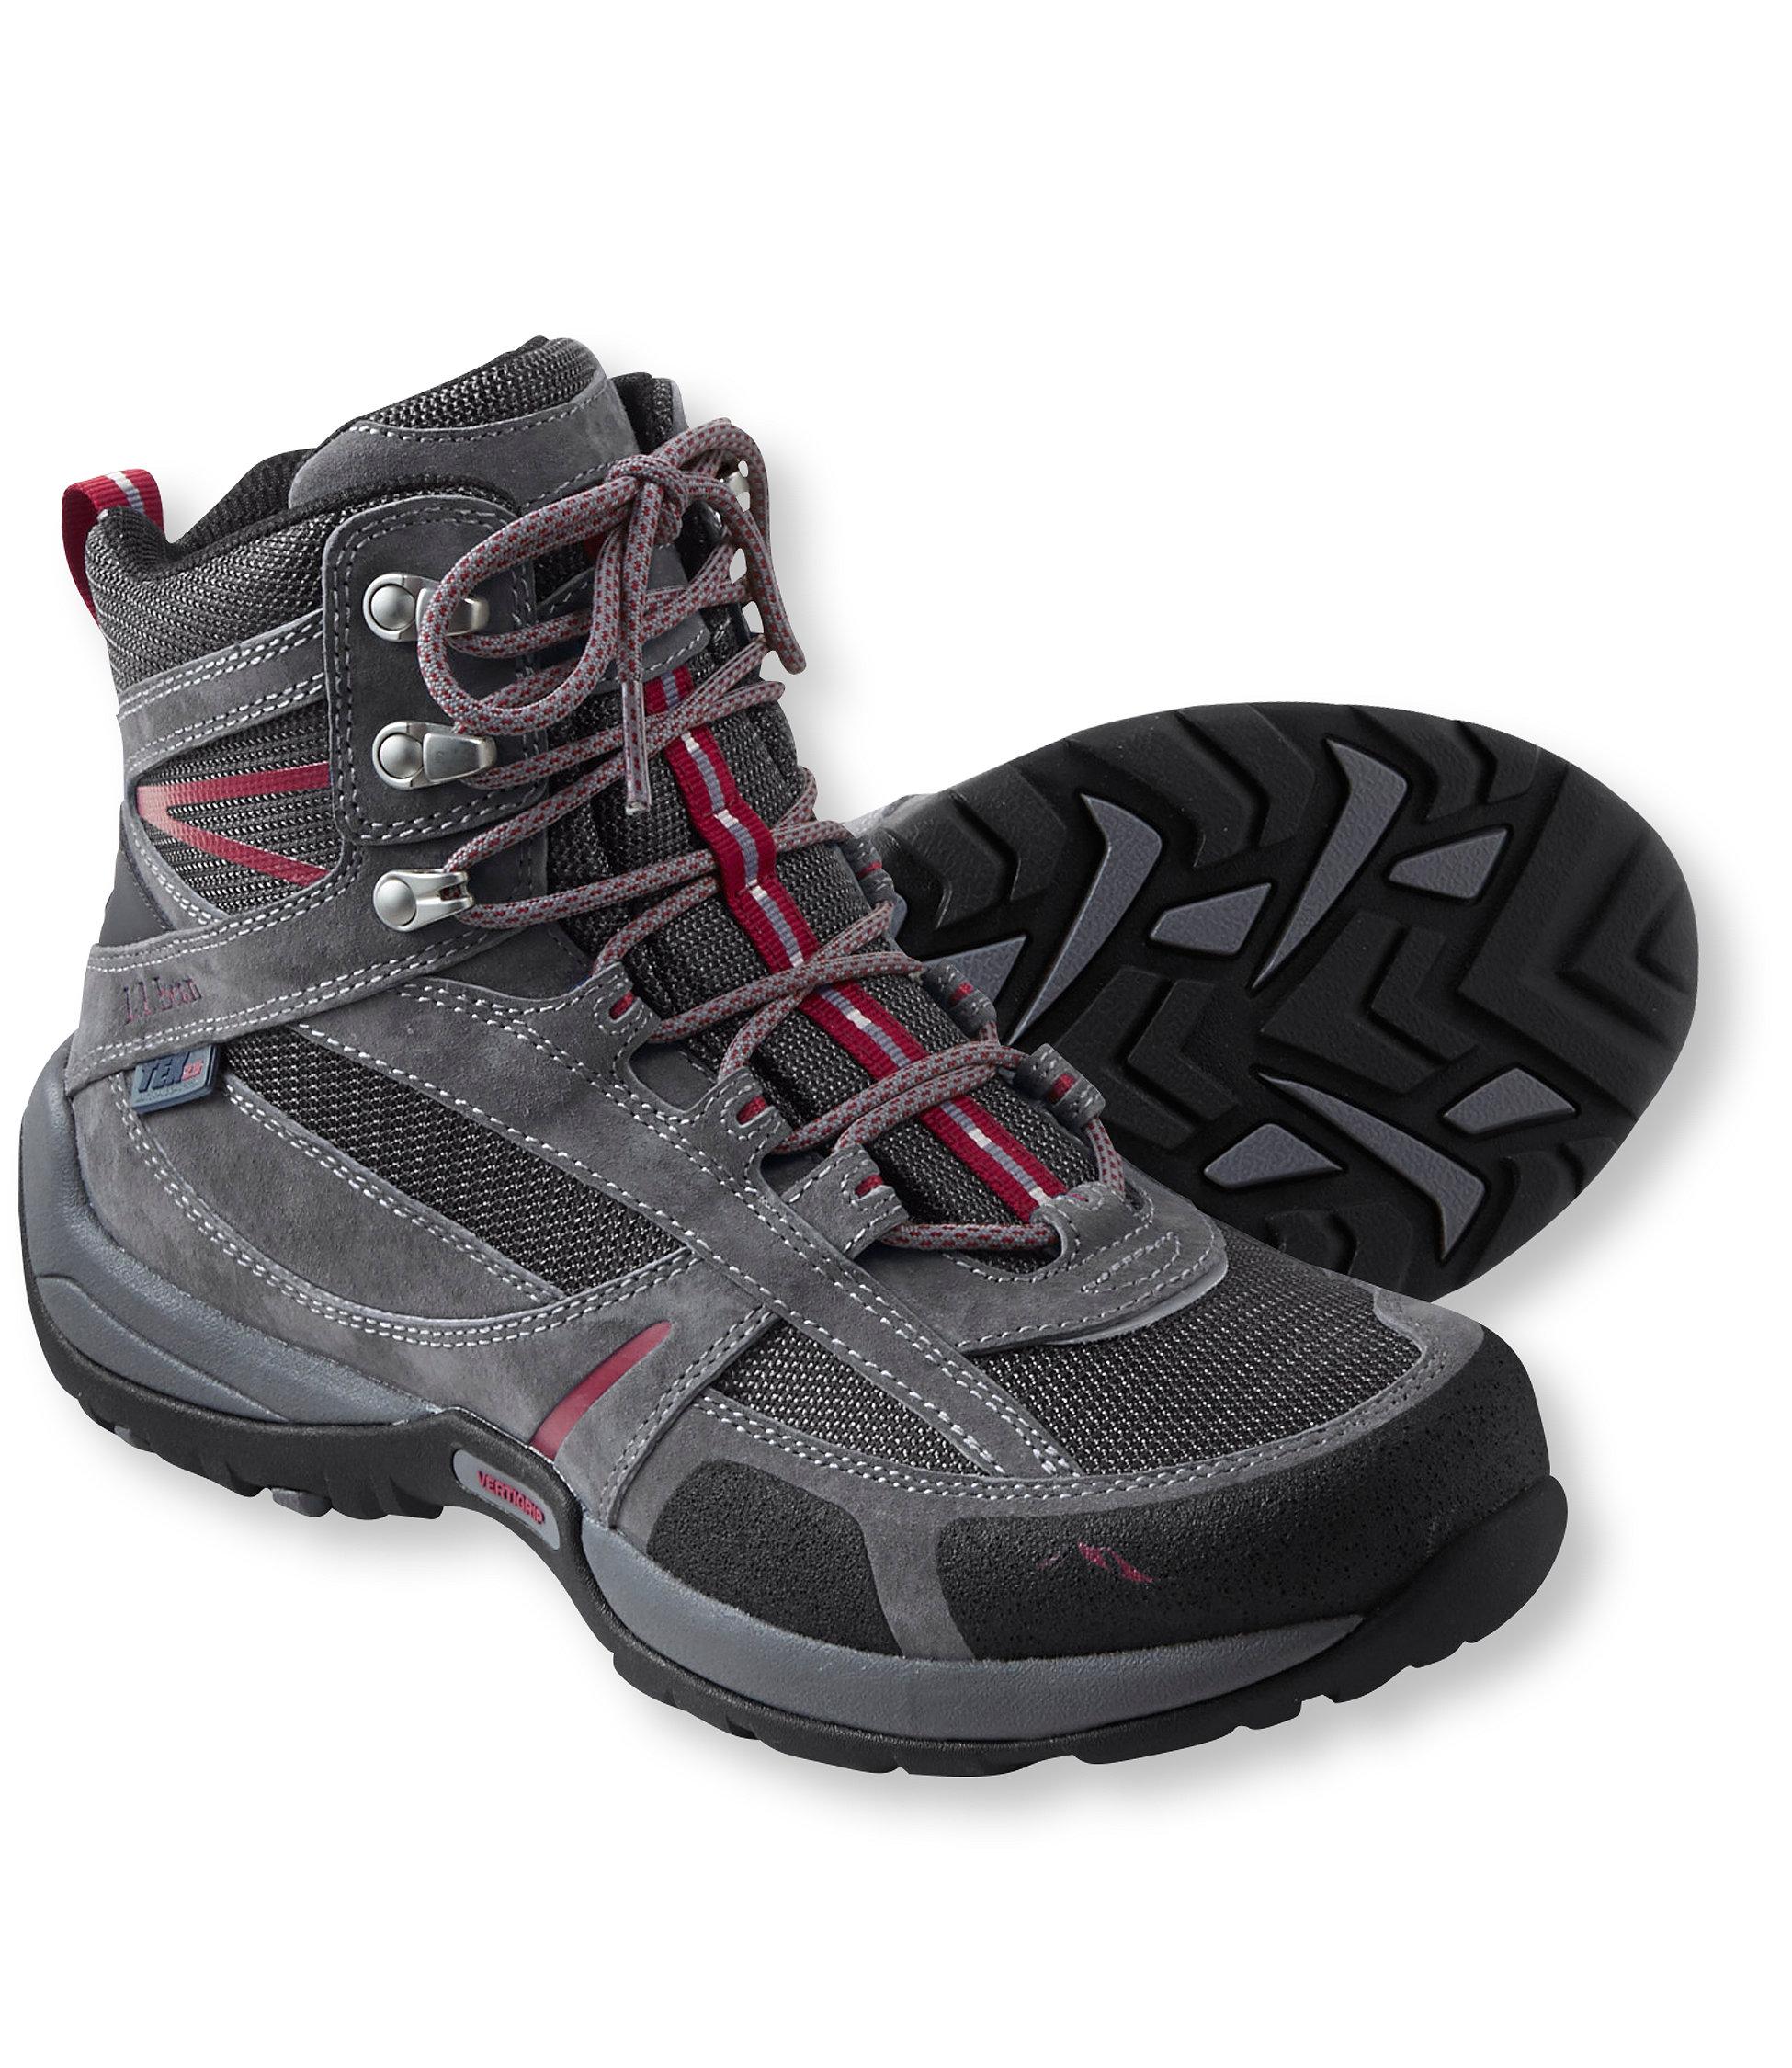 L.L.Bean Waterproof Trail Model Hikers, Mid-Cut